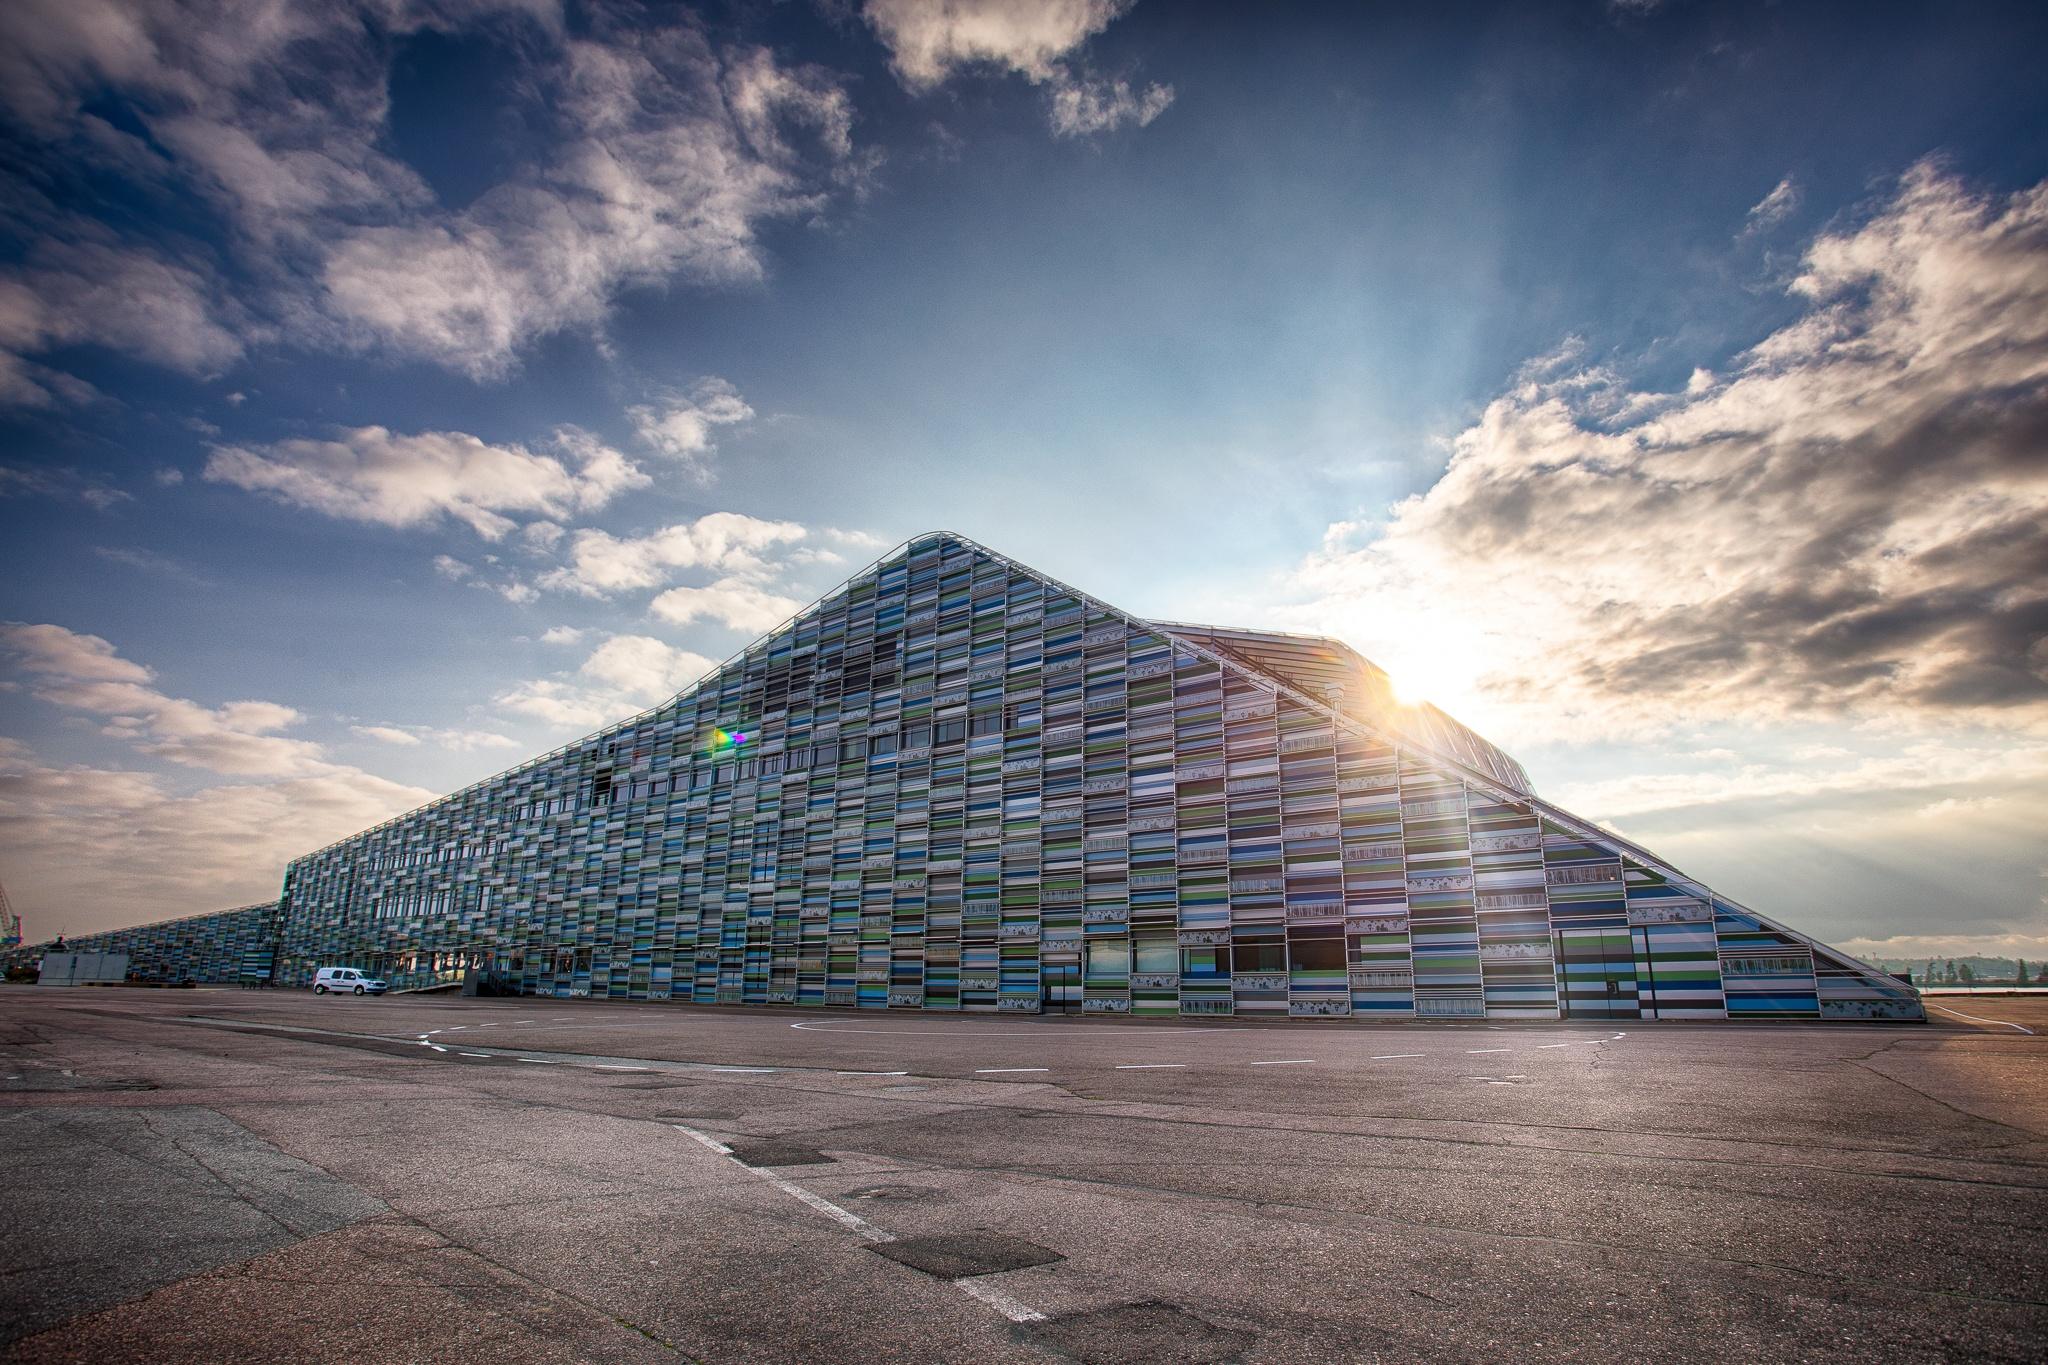 Maritime Centre Vellamo by Tommi Pxls